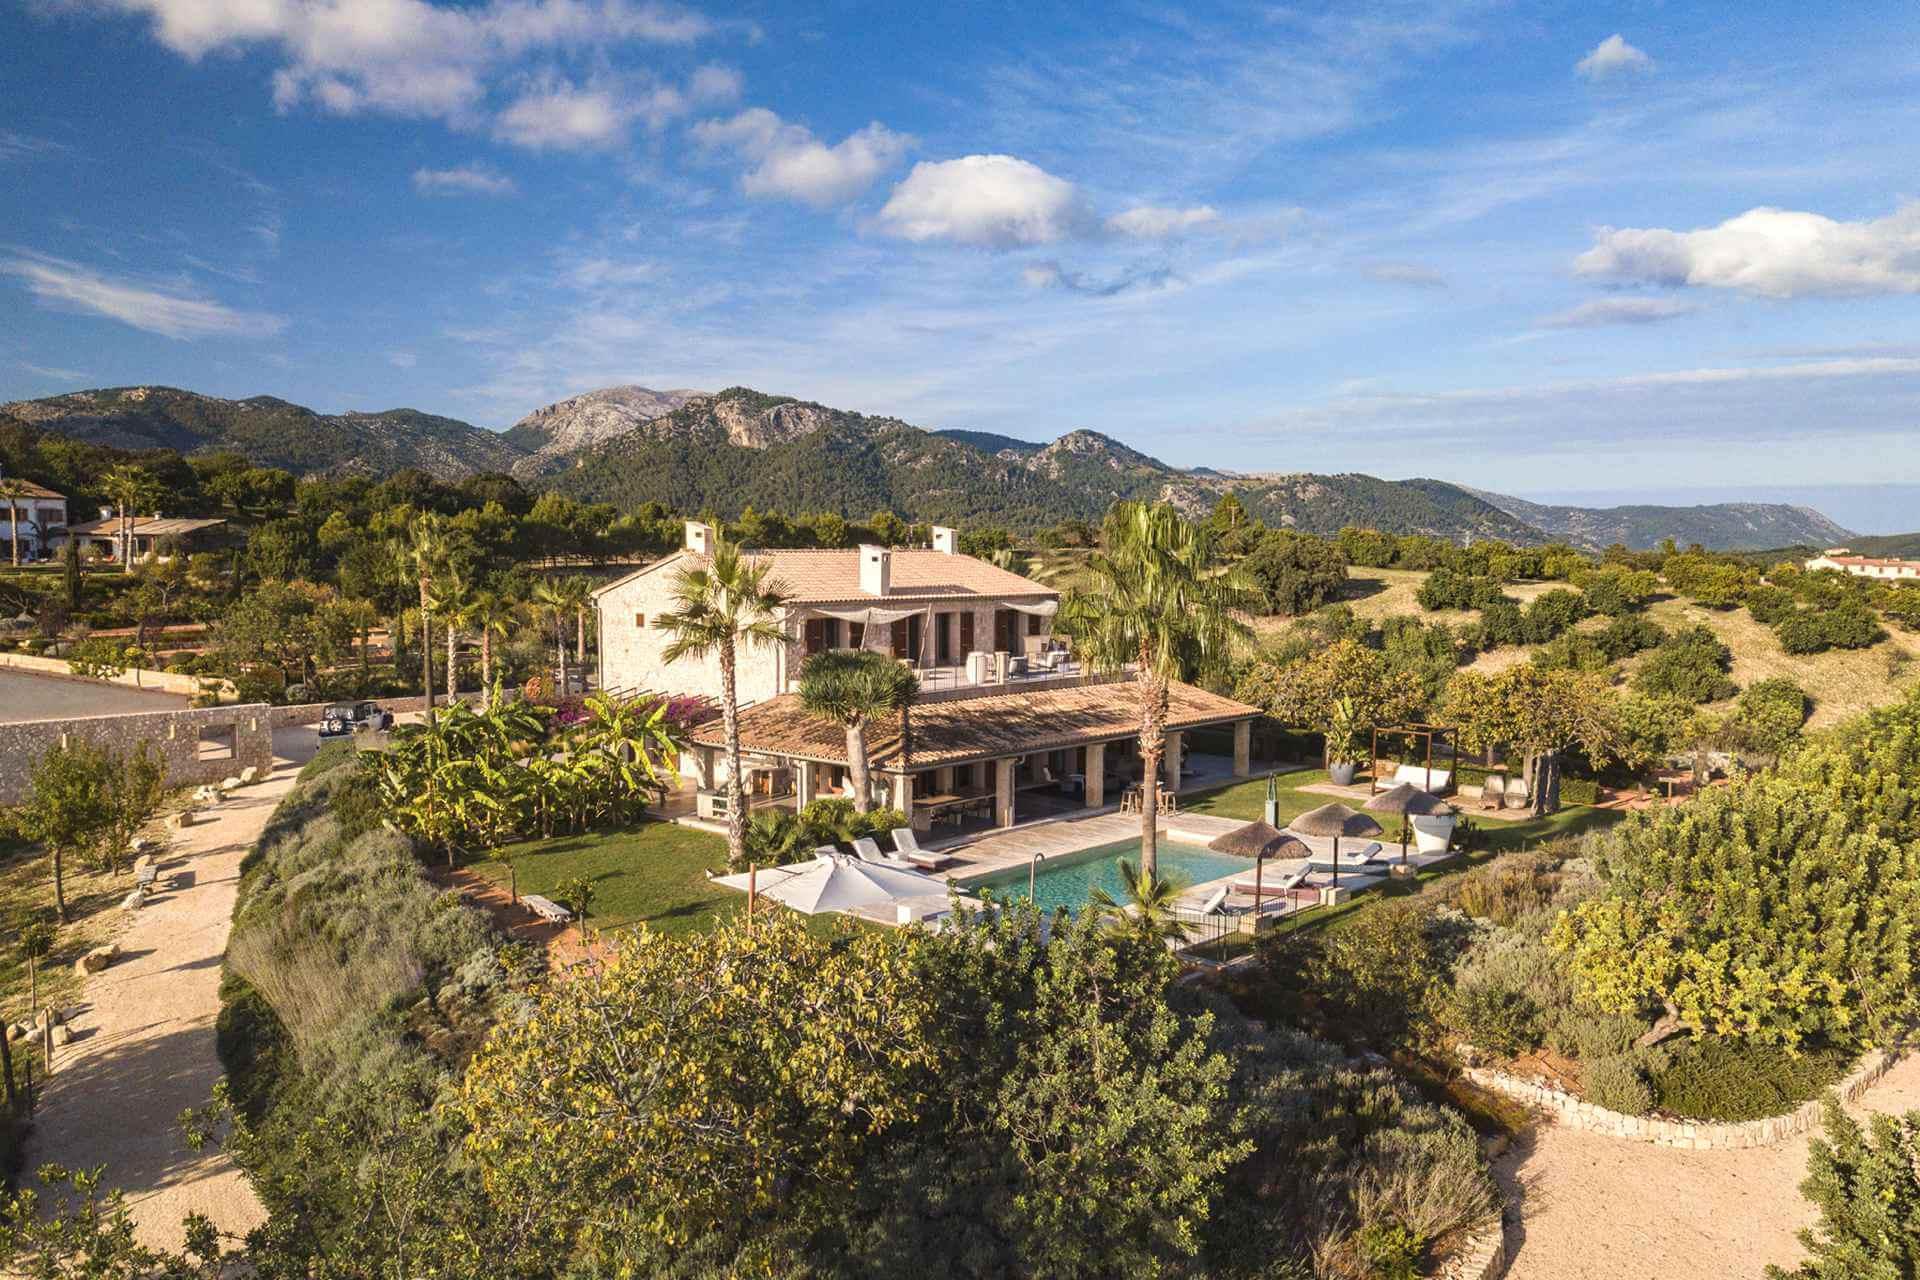 01-354 Luxus Design Finca Mallorca Zentrum Bild 2